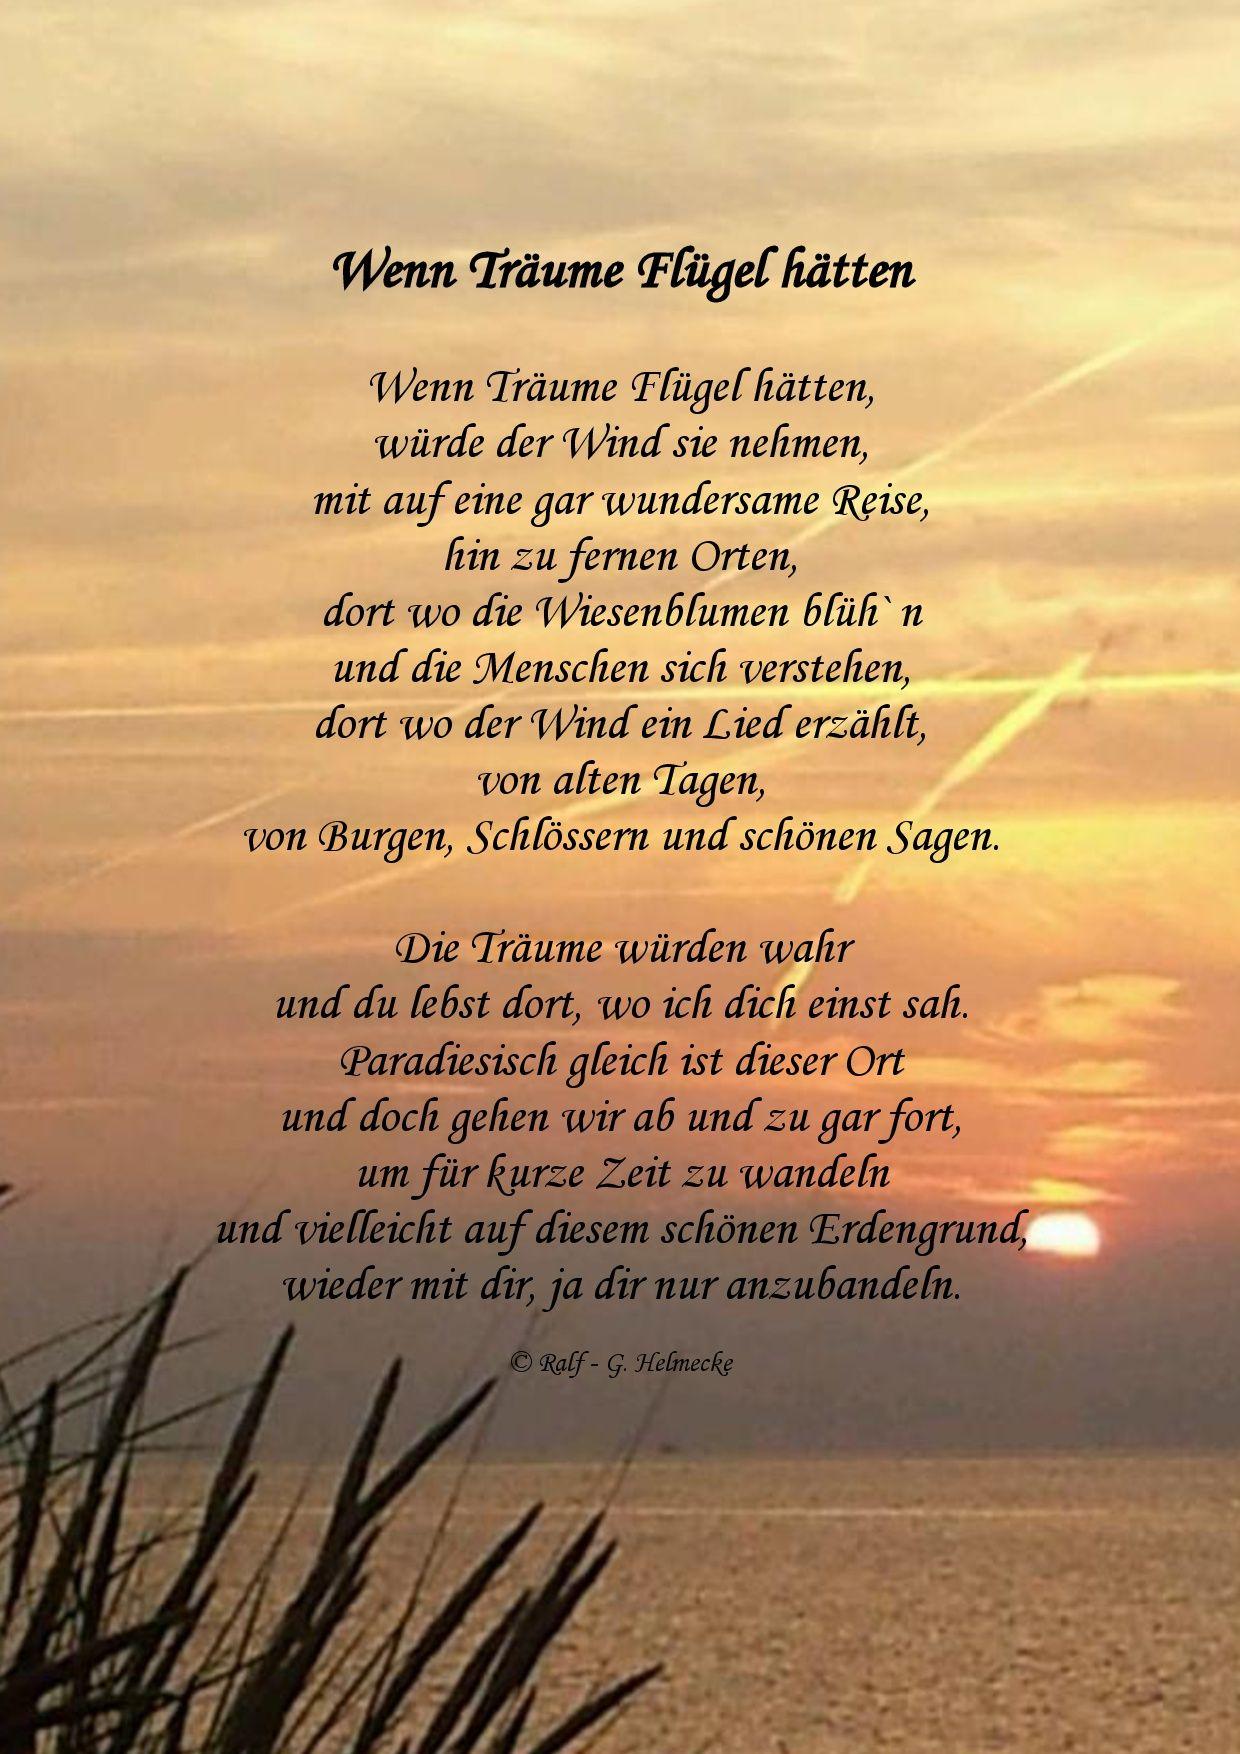 Wenn Traume Flugel Hatten Spruche Englisch Geburtstag Gedicht Das Leben Ist Eine Reise